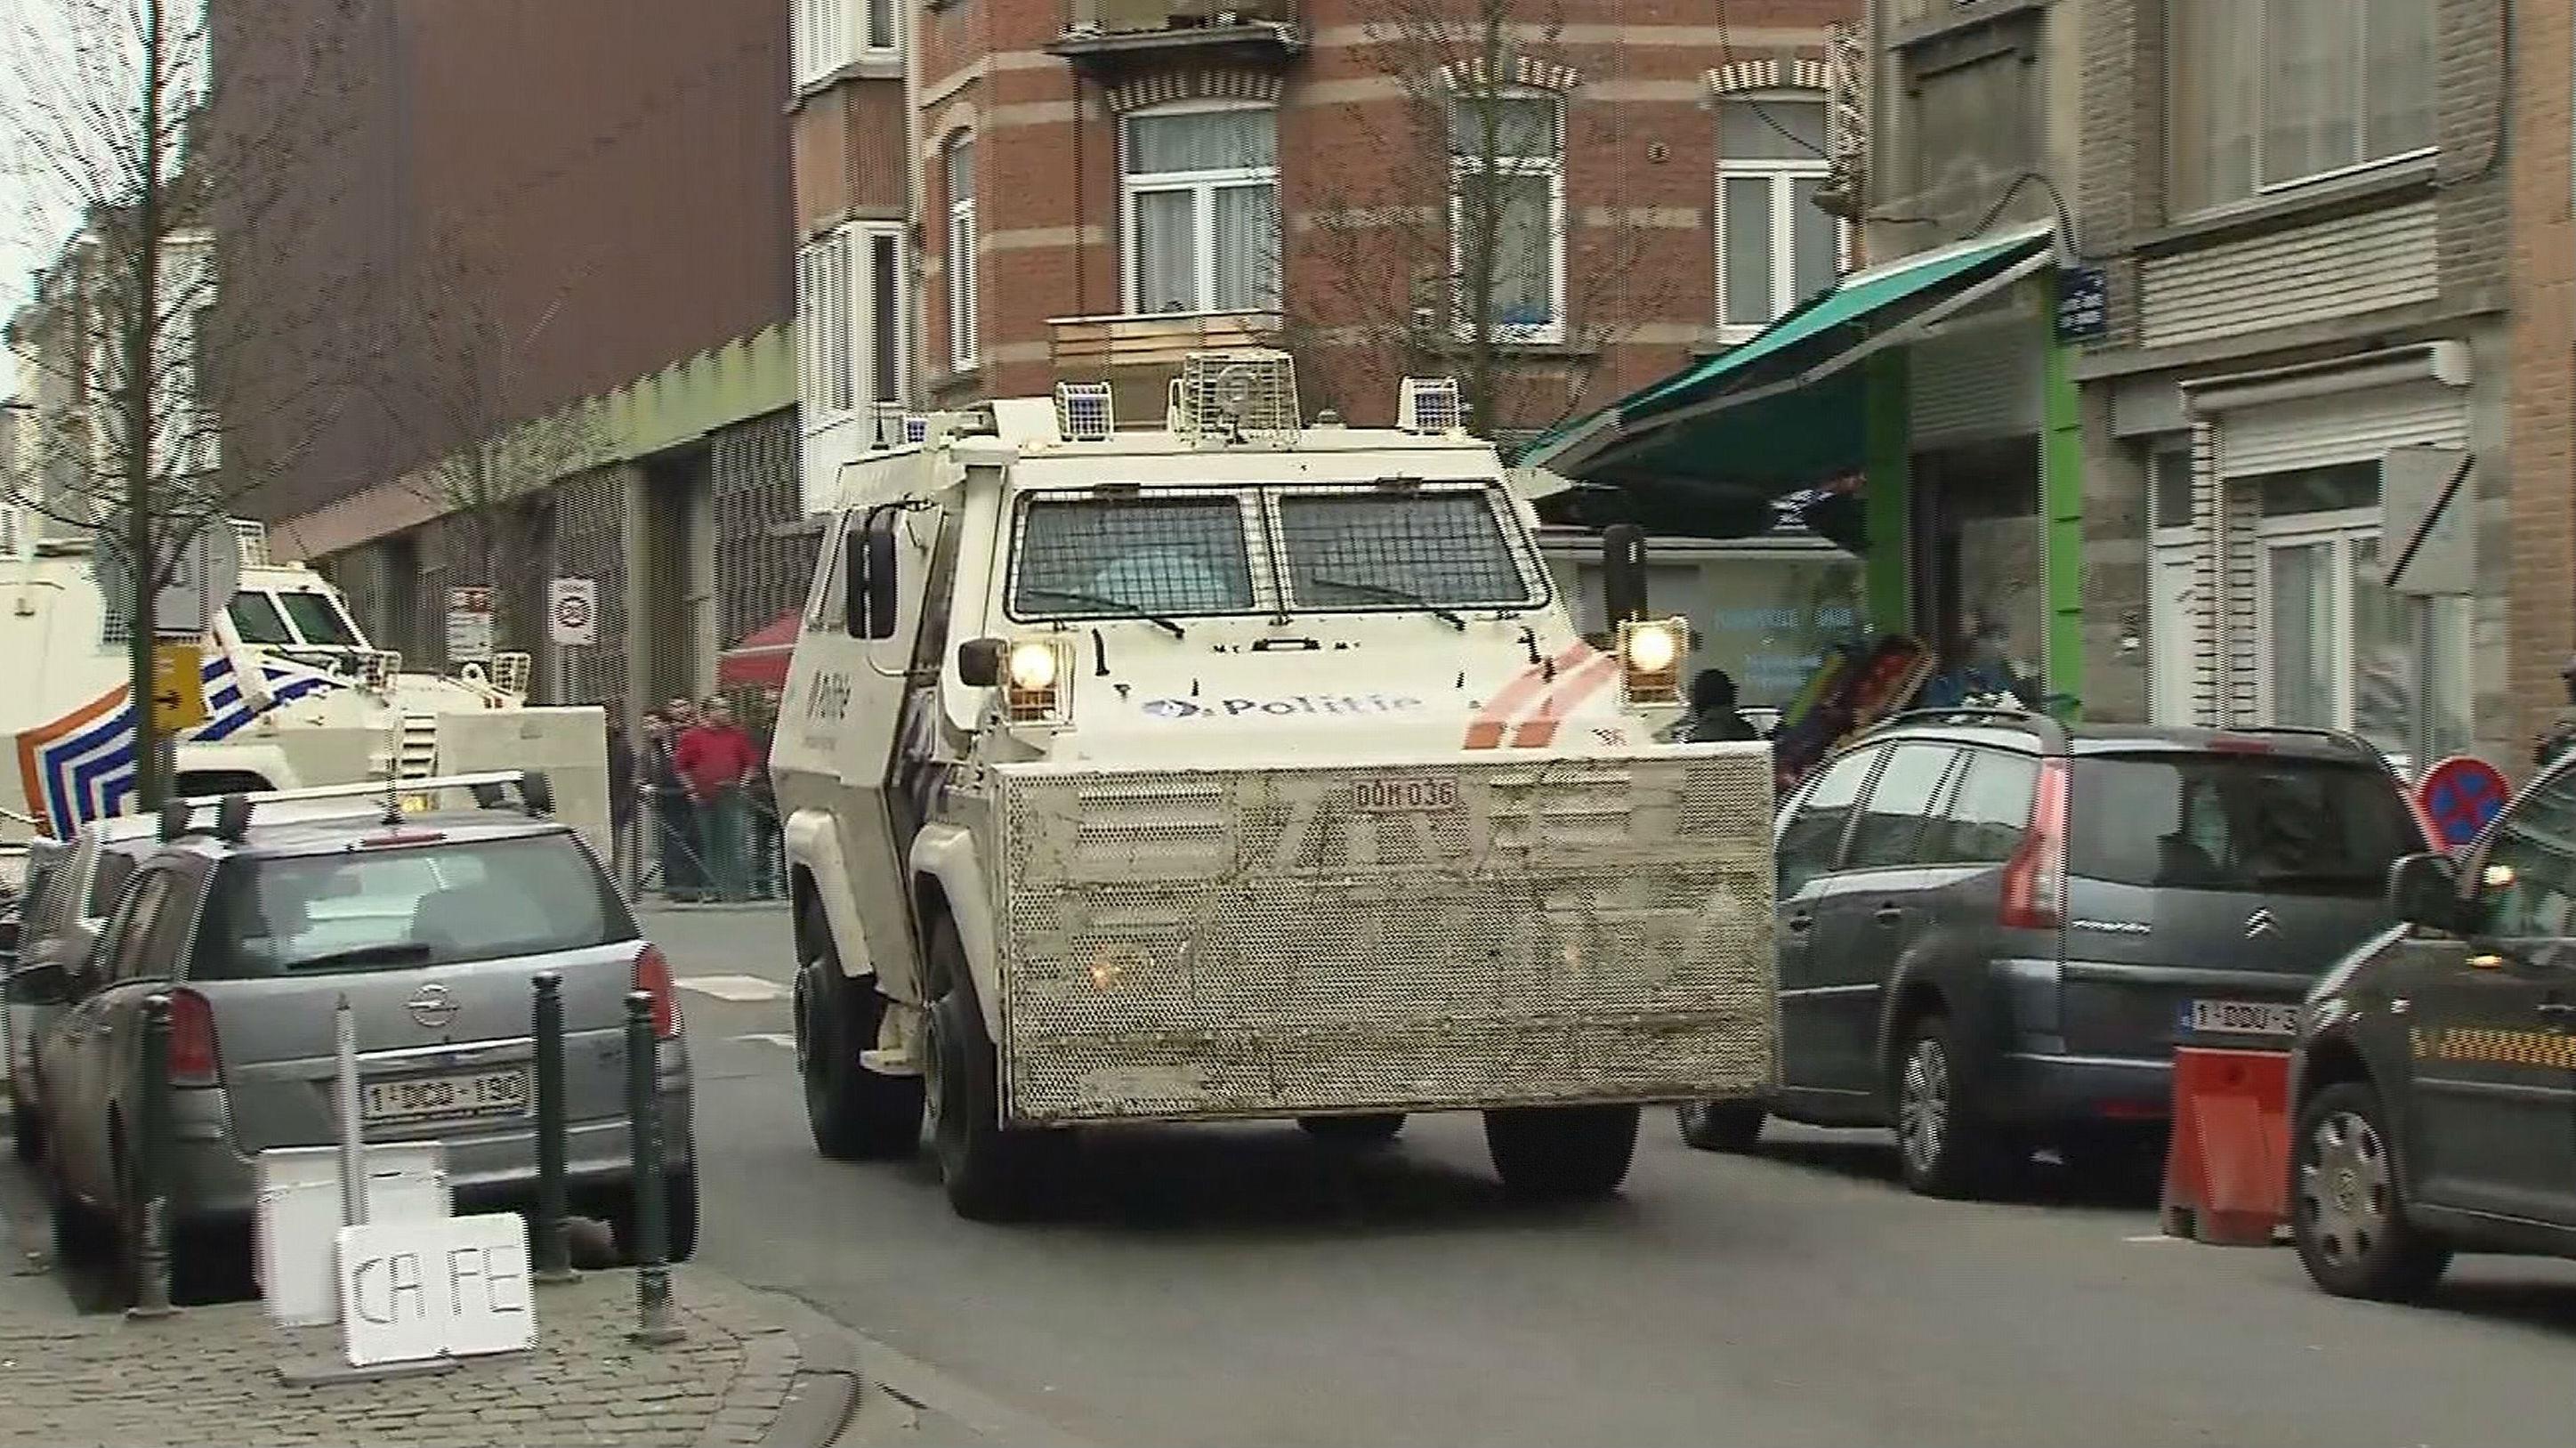 外媒:比利时一社区以足球对抗恐怖主义 曾是恐袭分子住地